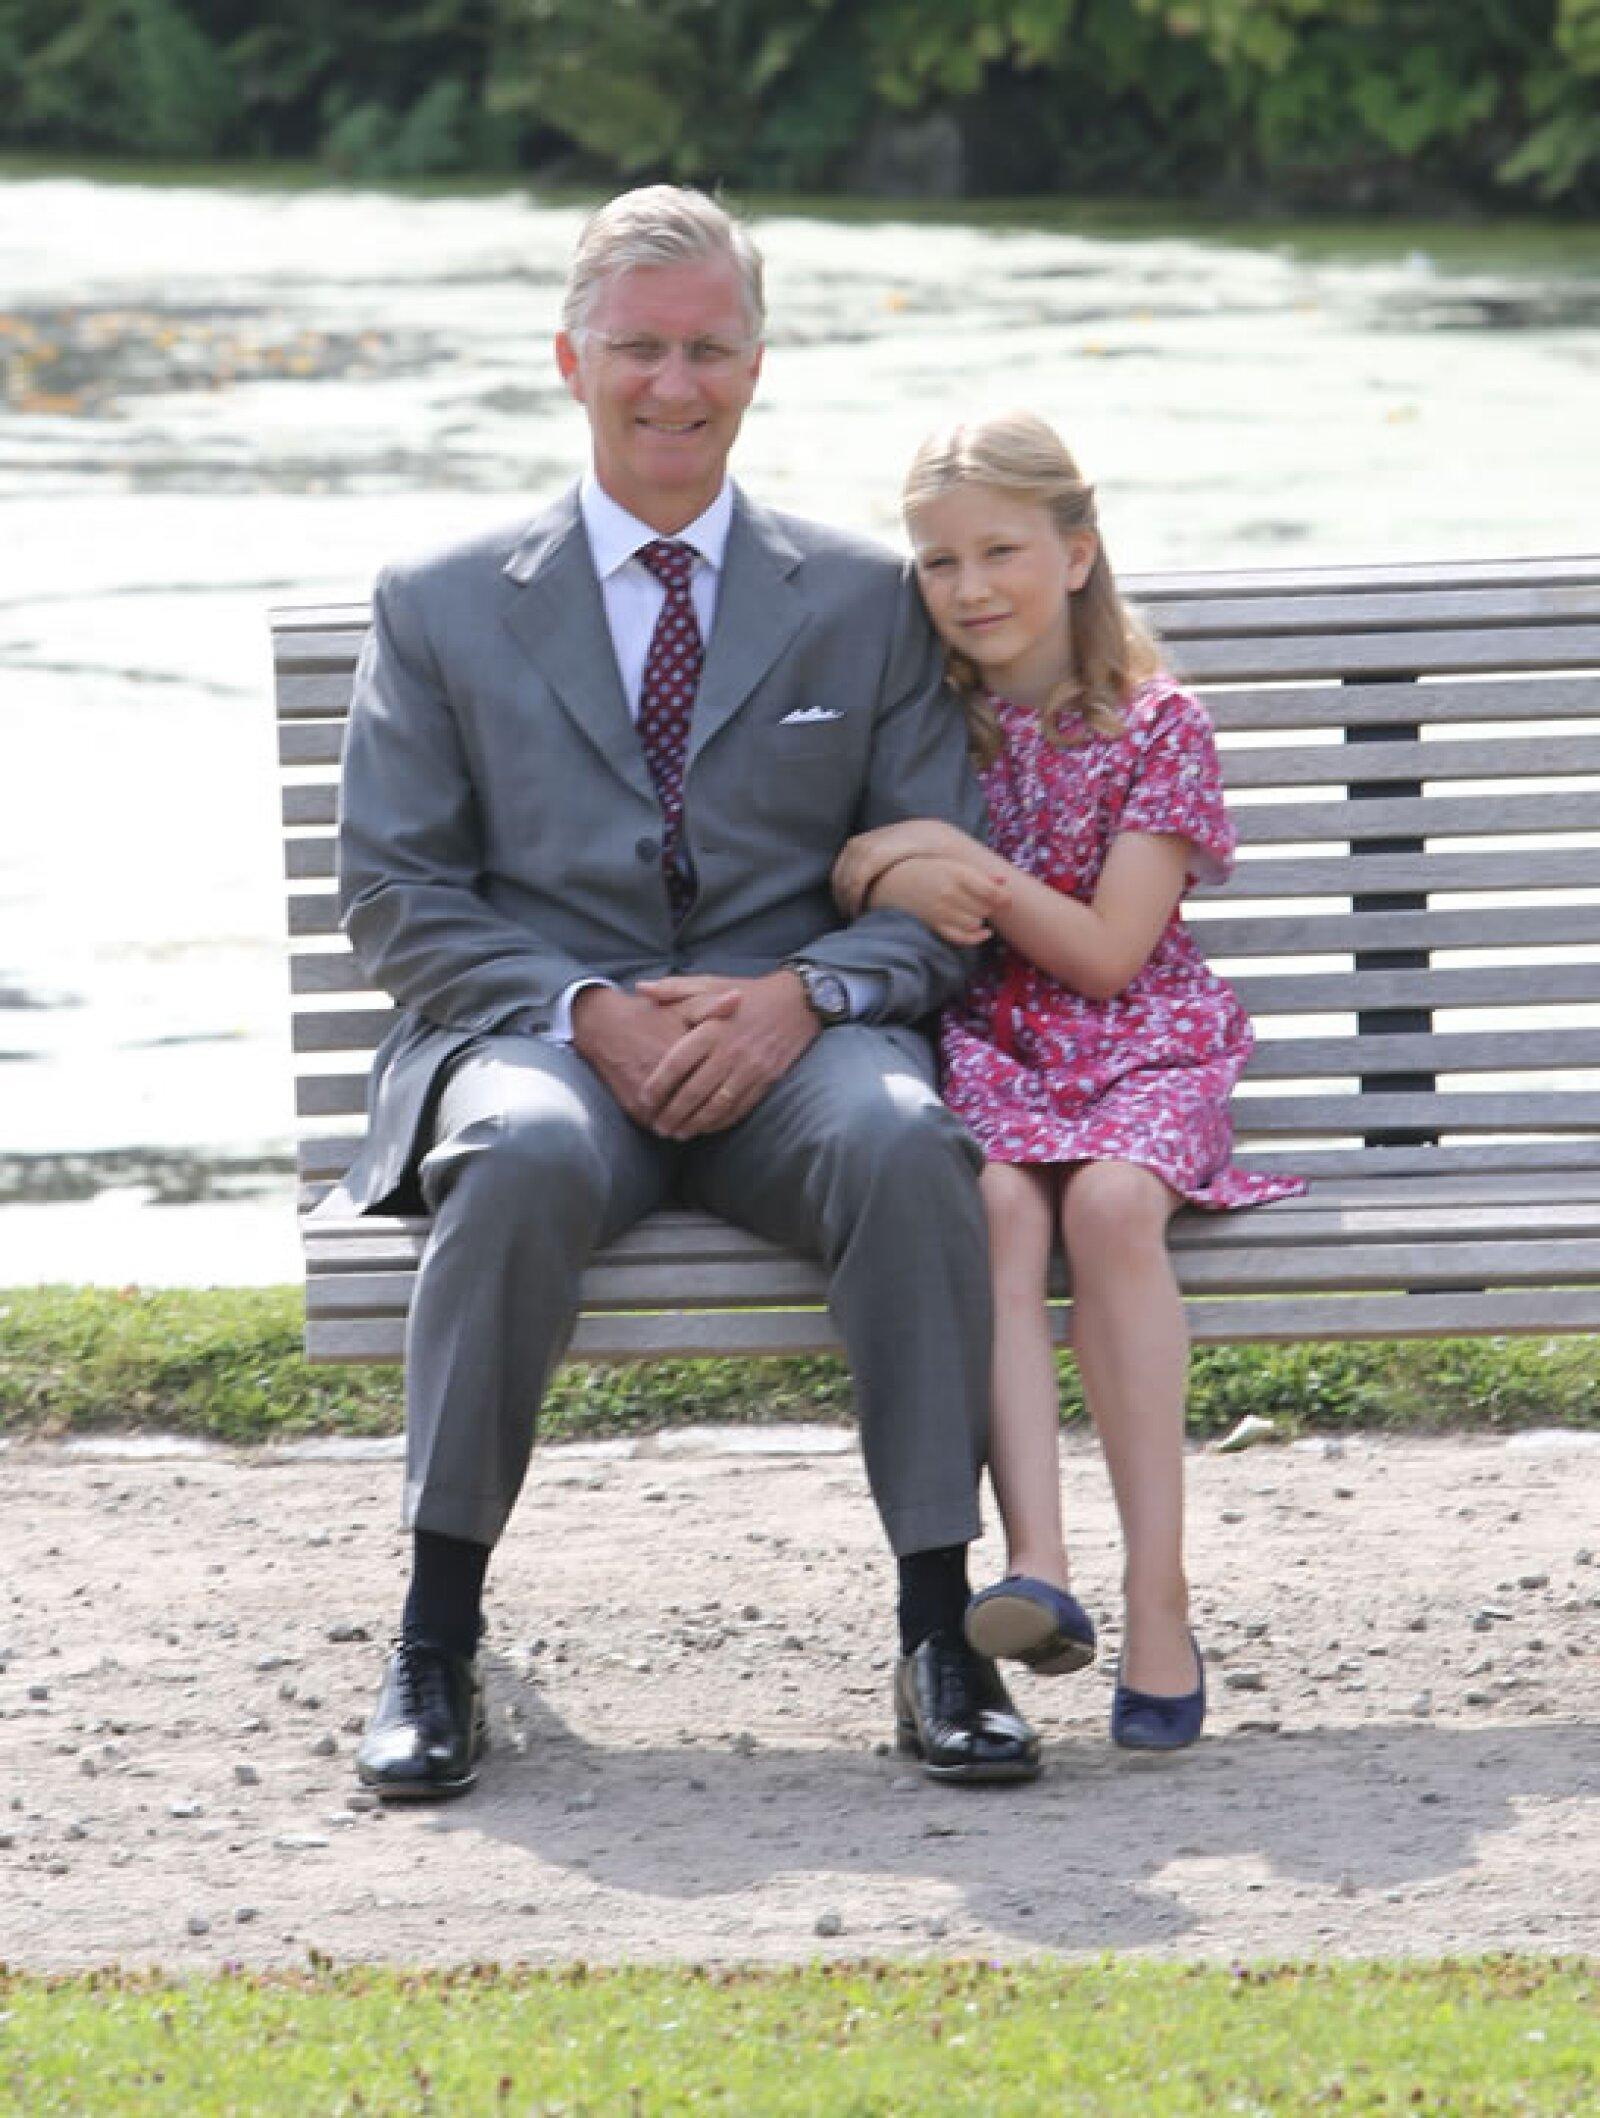 La futura Reina de Bélgica tiene definitivamente el colorido y facciones de su padre